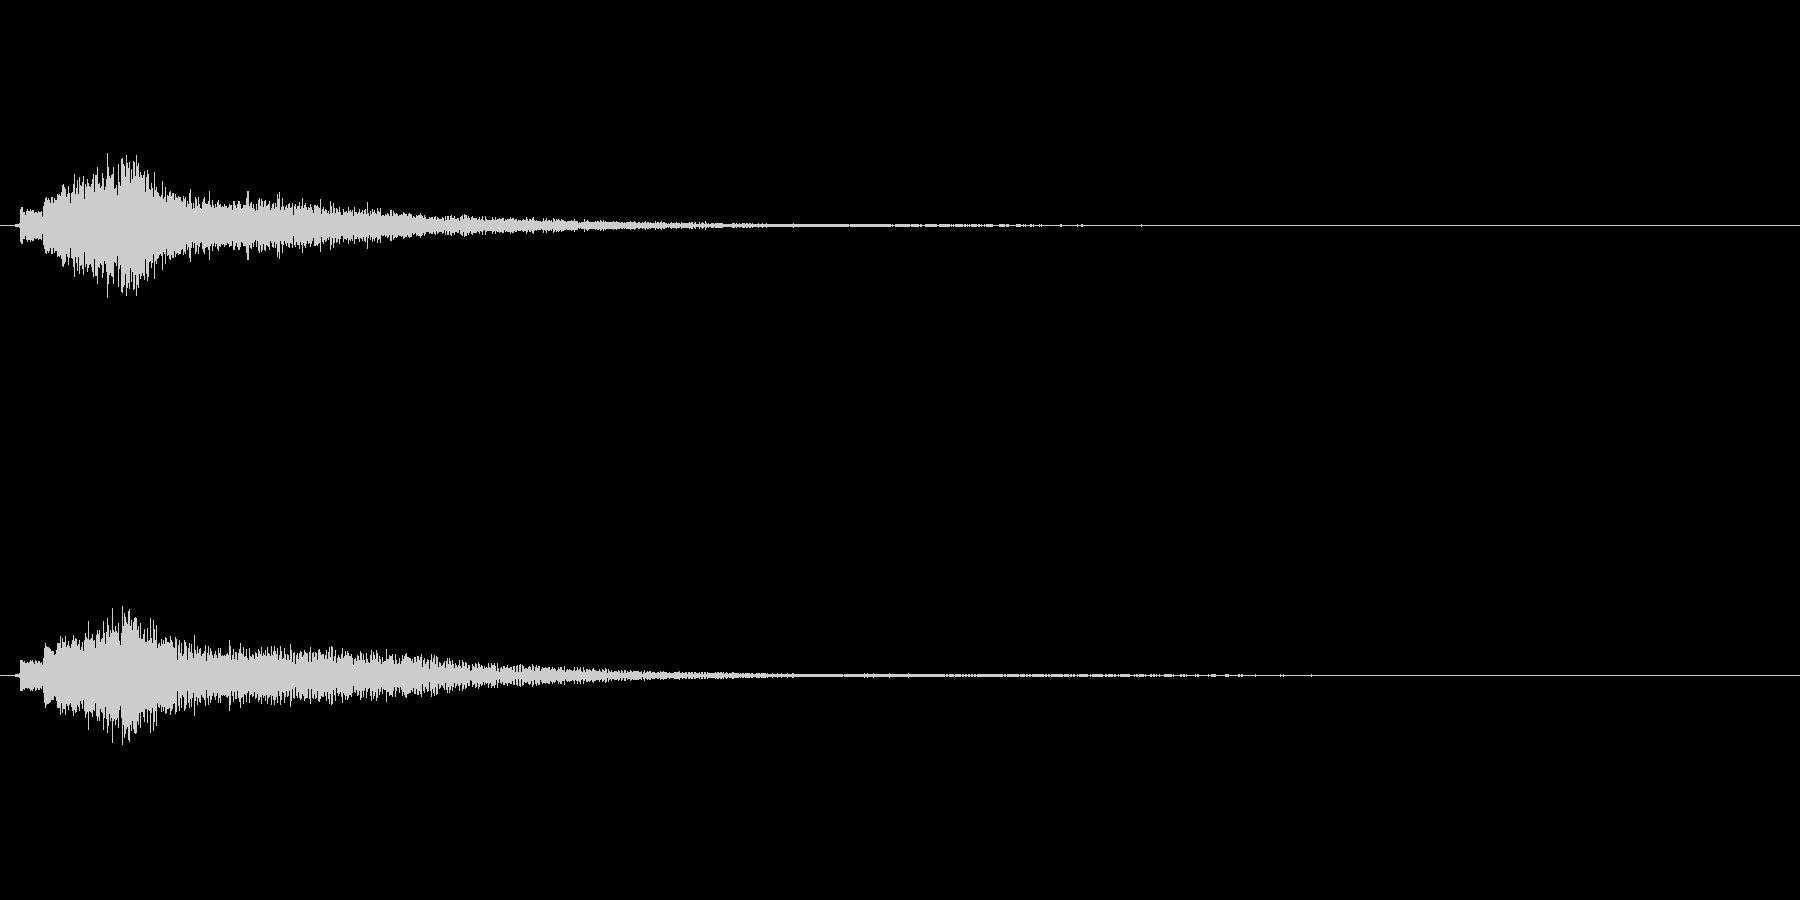 琴の上昇音その4エフェクト有の未再生の波形